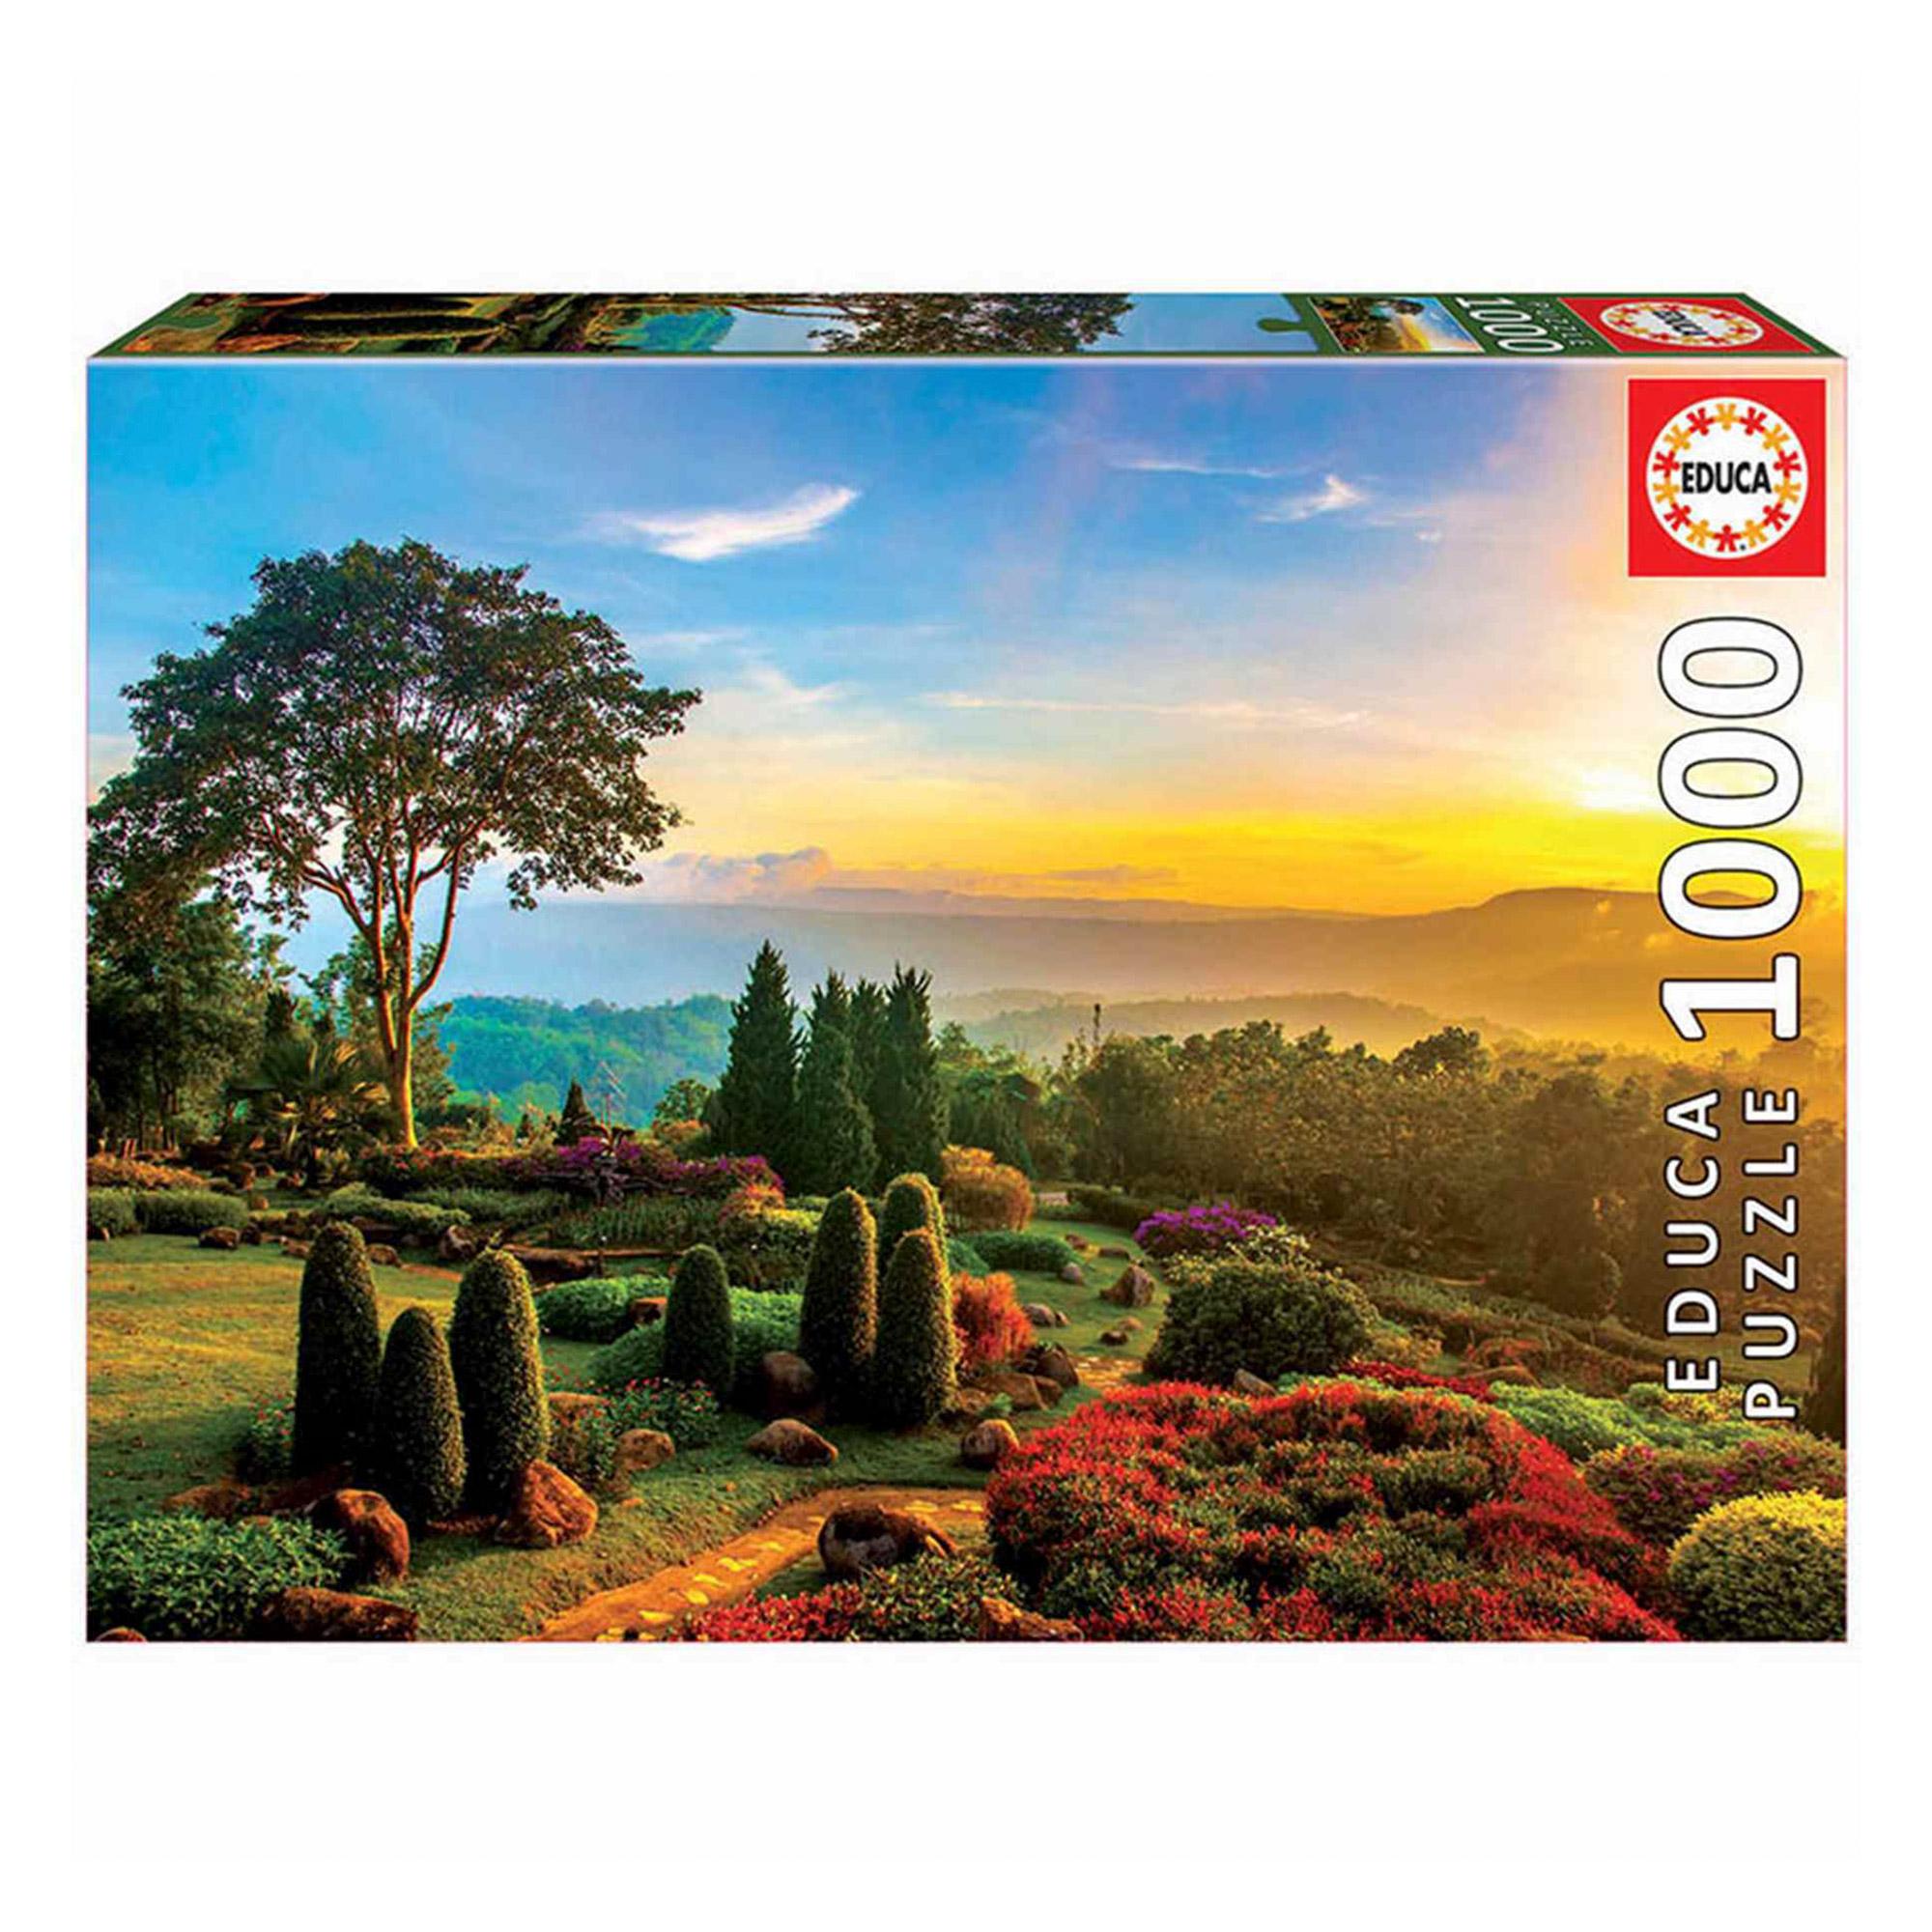 Фото - Пазл Educa Красивый сад 1000 деталей пазл educa мир банкнот 1000 деталей